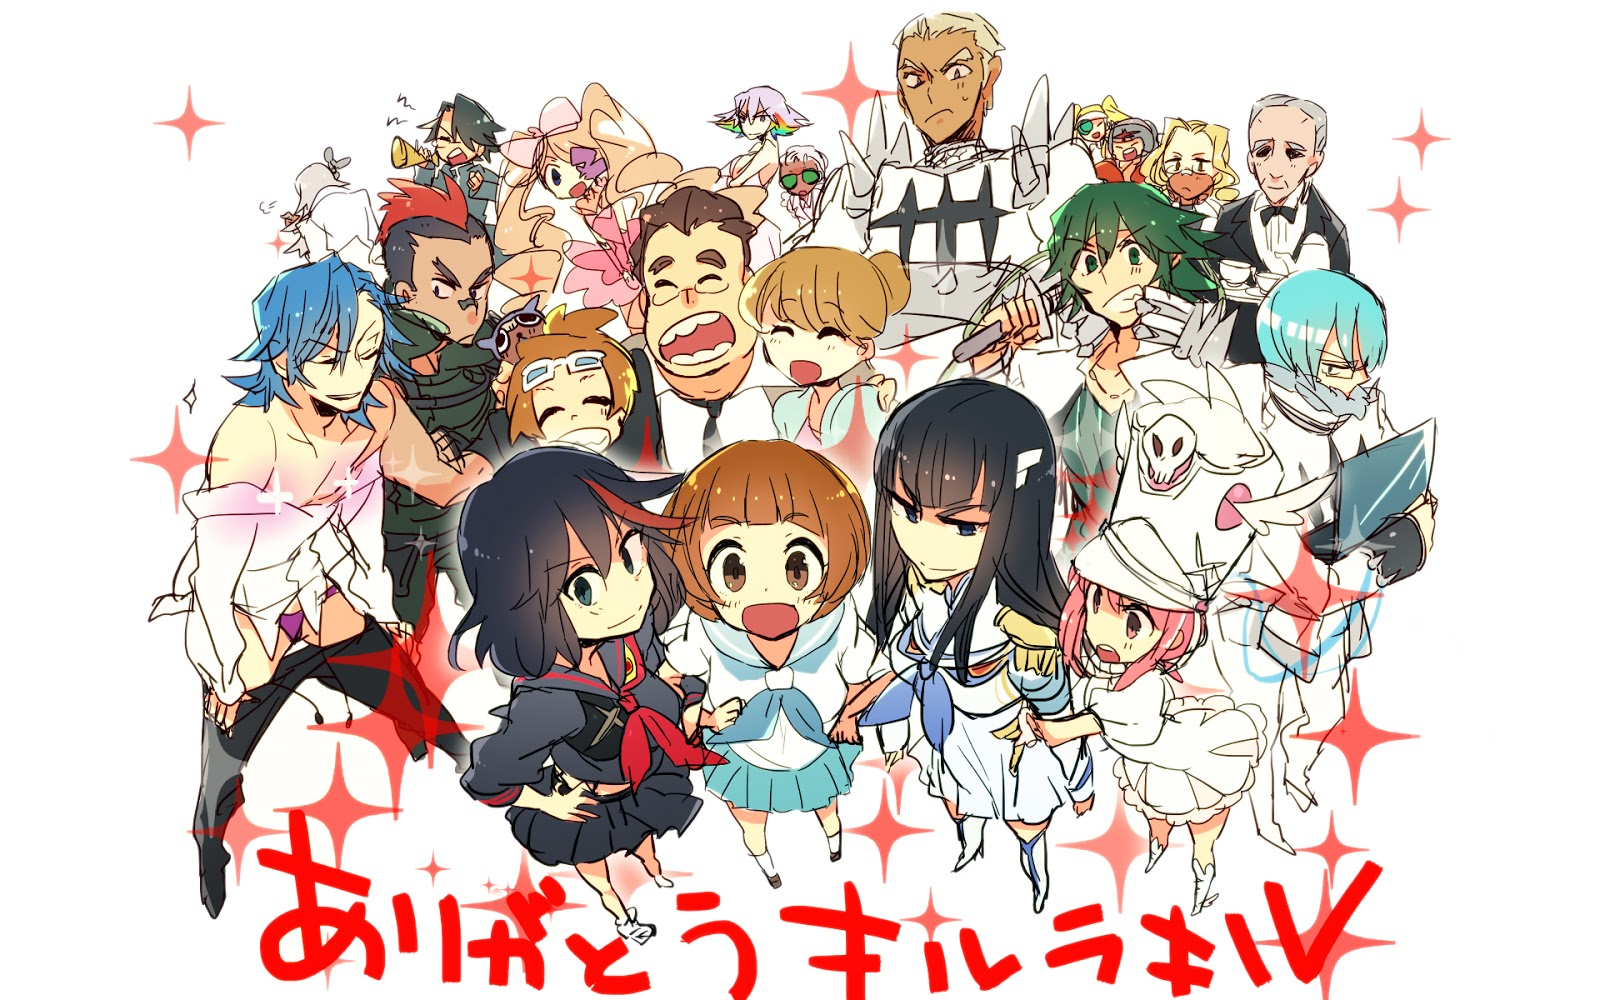 Kill la Kill Anime 61 HD Wallpaper 1600x1000